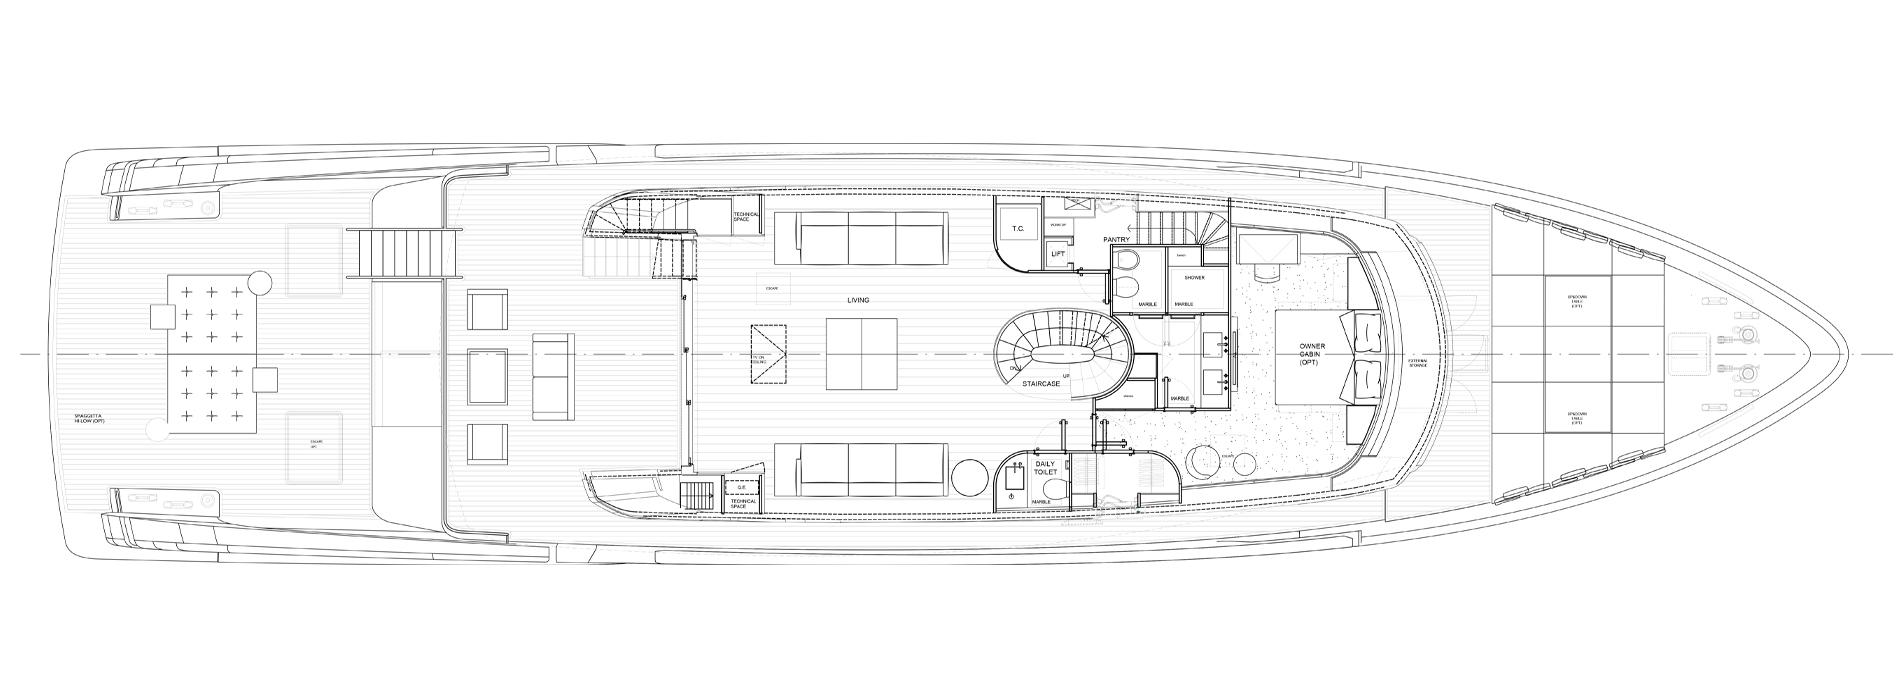 Sanlorenzo Yachts SX112 Cubierta principal versión C